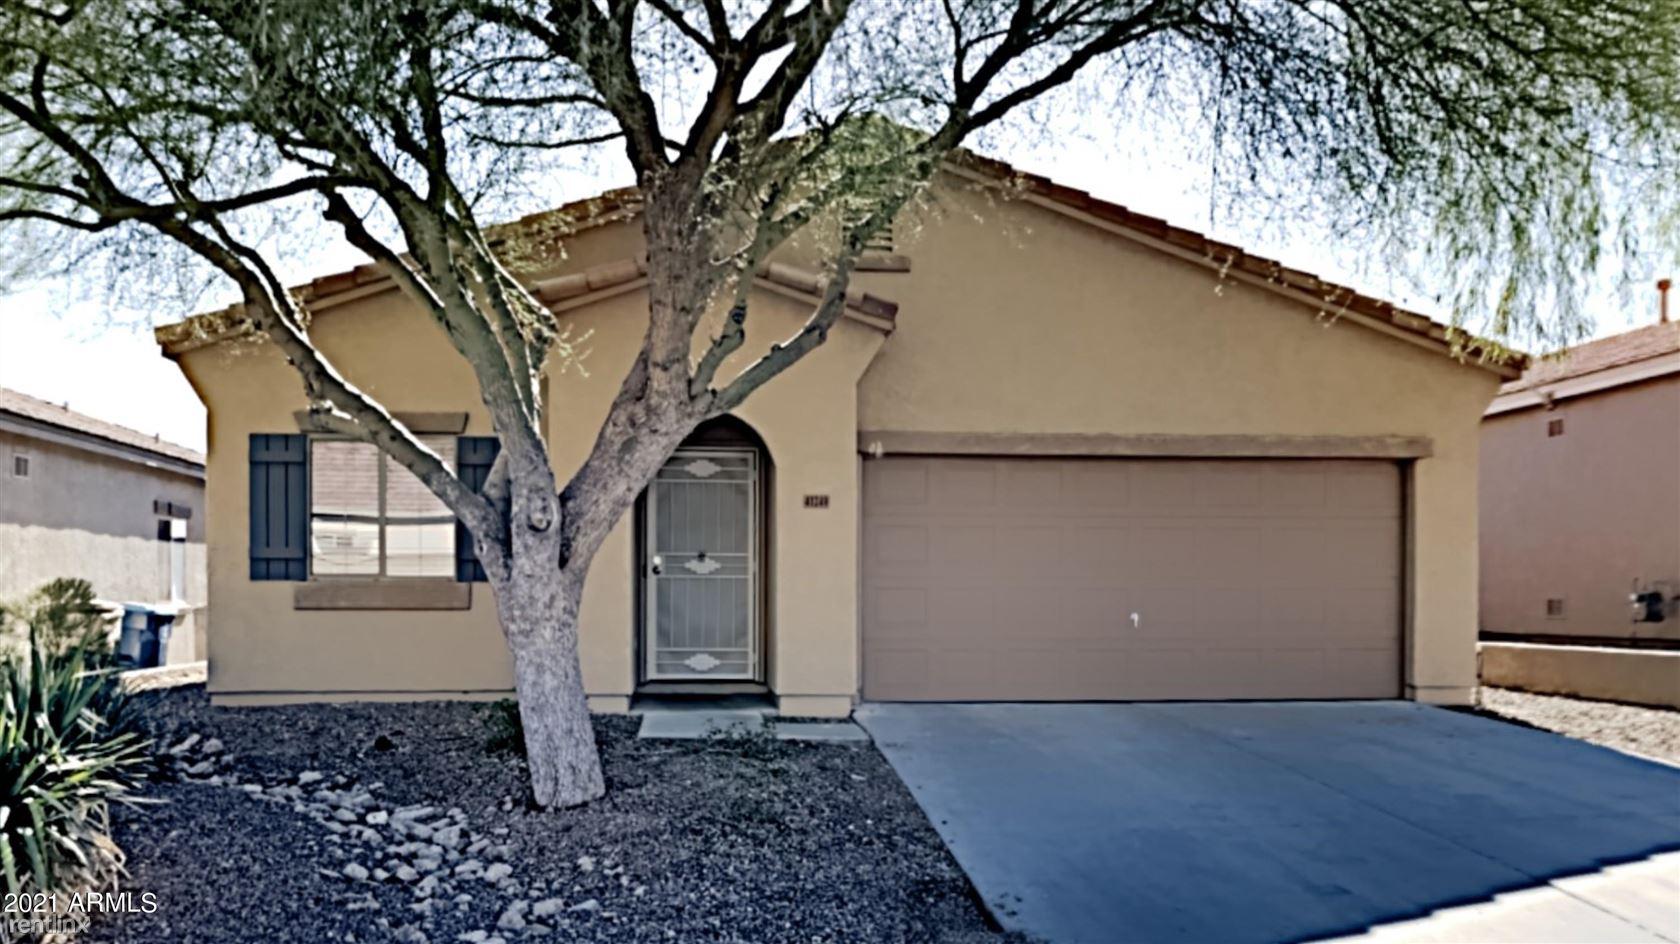 41240 N HUDSON Trail, Phoenix, AZ - 3,030 USD/ month